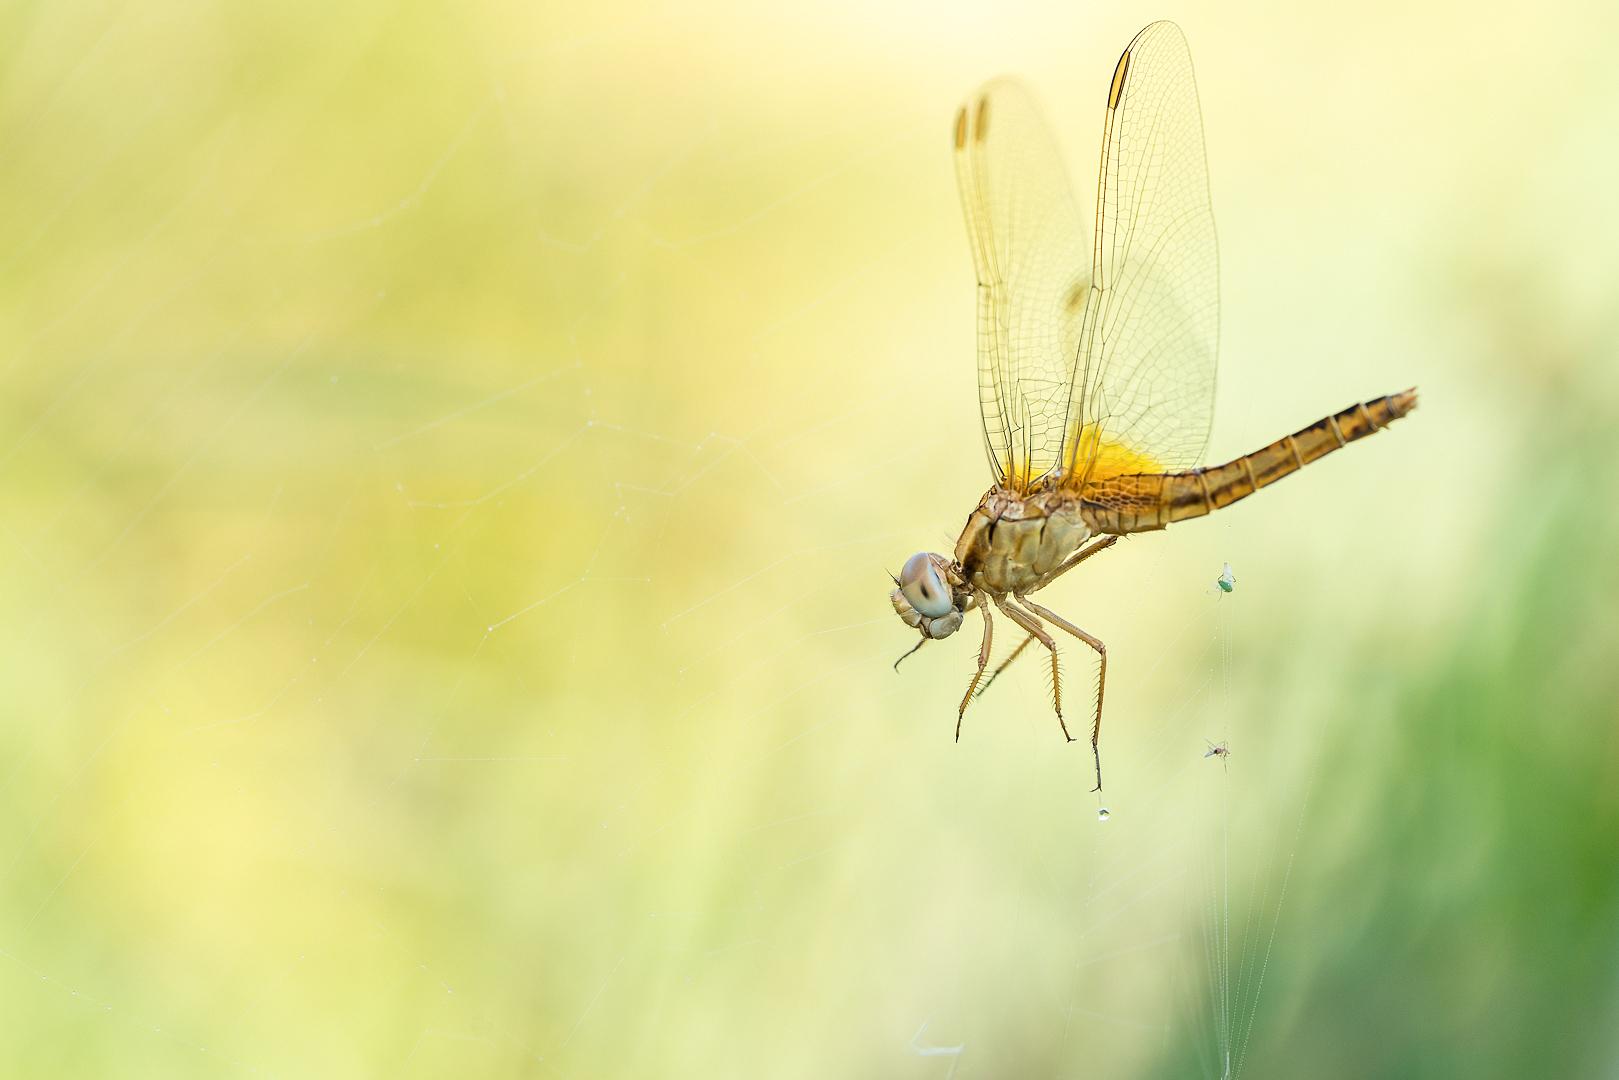 Vuurlibel, spinnenweb, Deel de Natuur, Loes Belovics